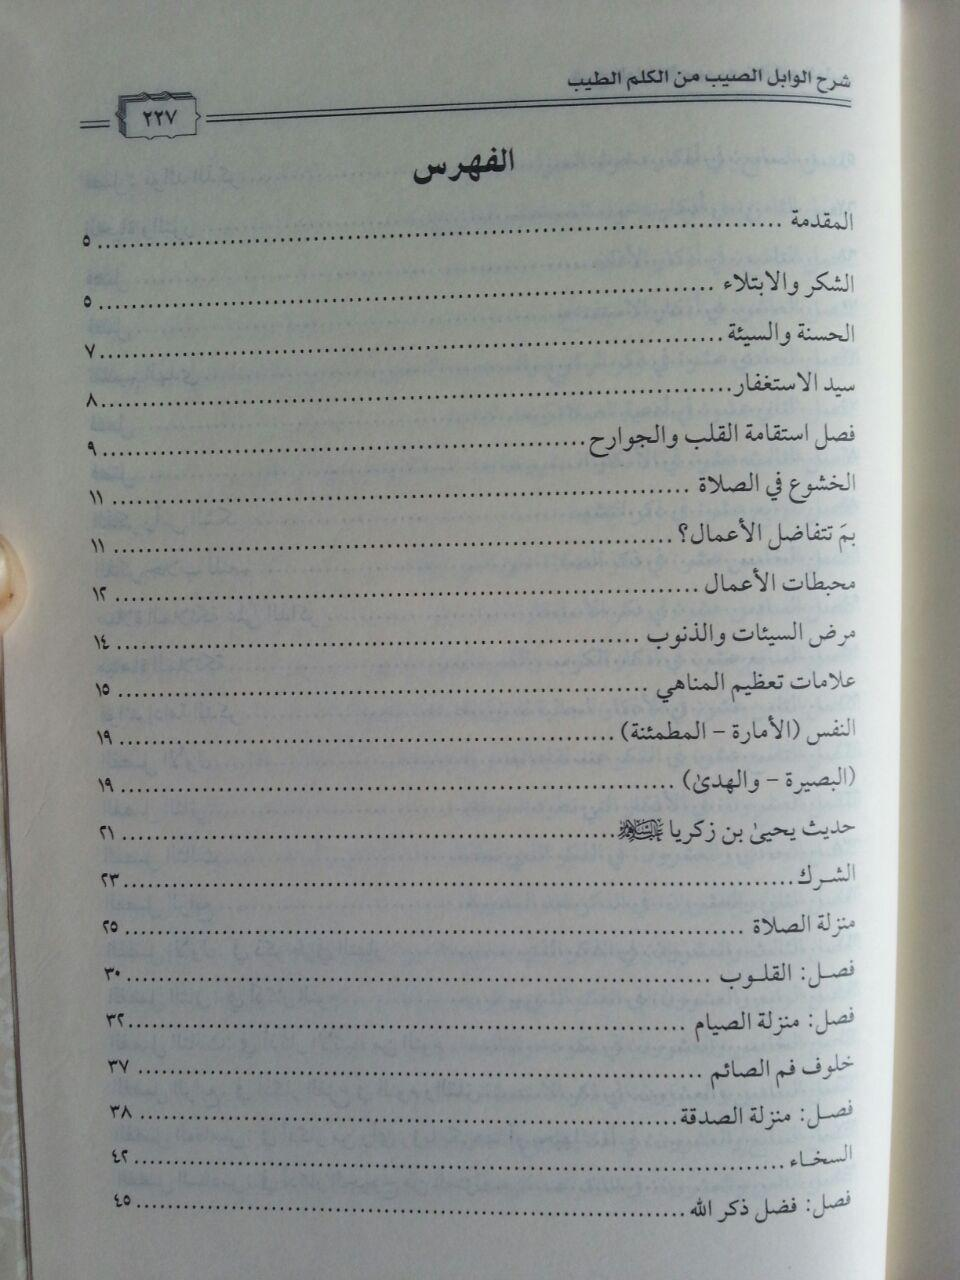 Kitab Syarh Al-Wabil Ash-Shayyib Min Kalam Ath-Thayyib isi 3